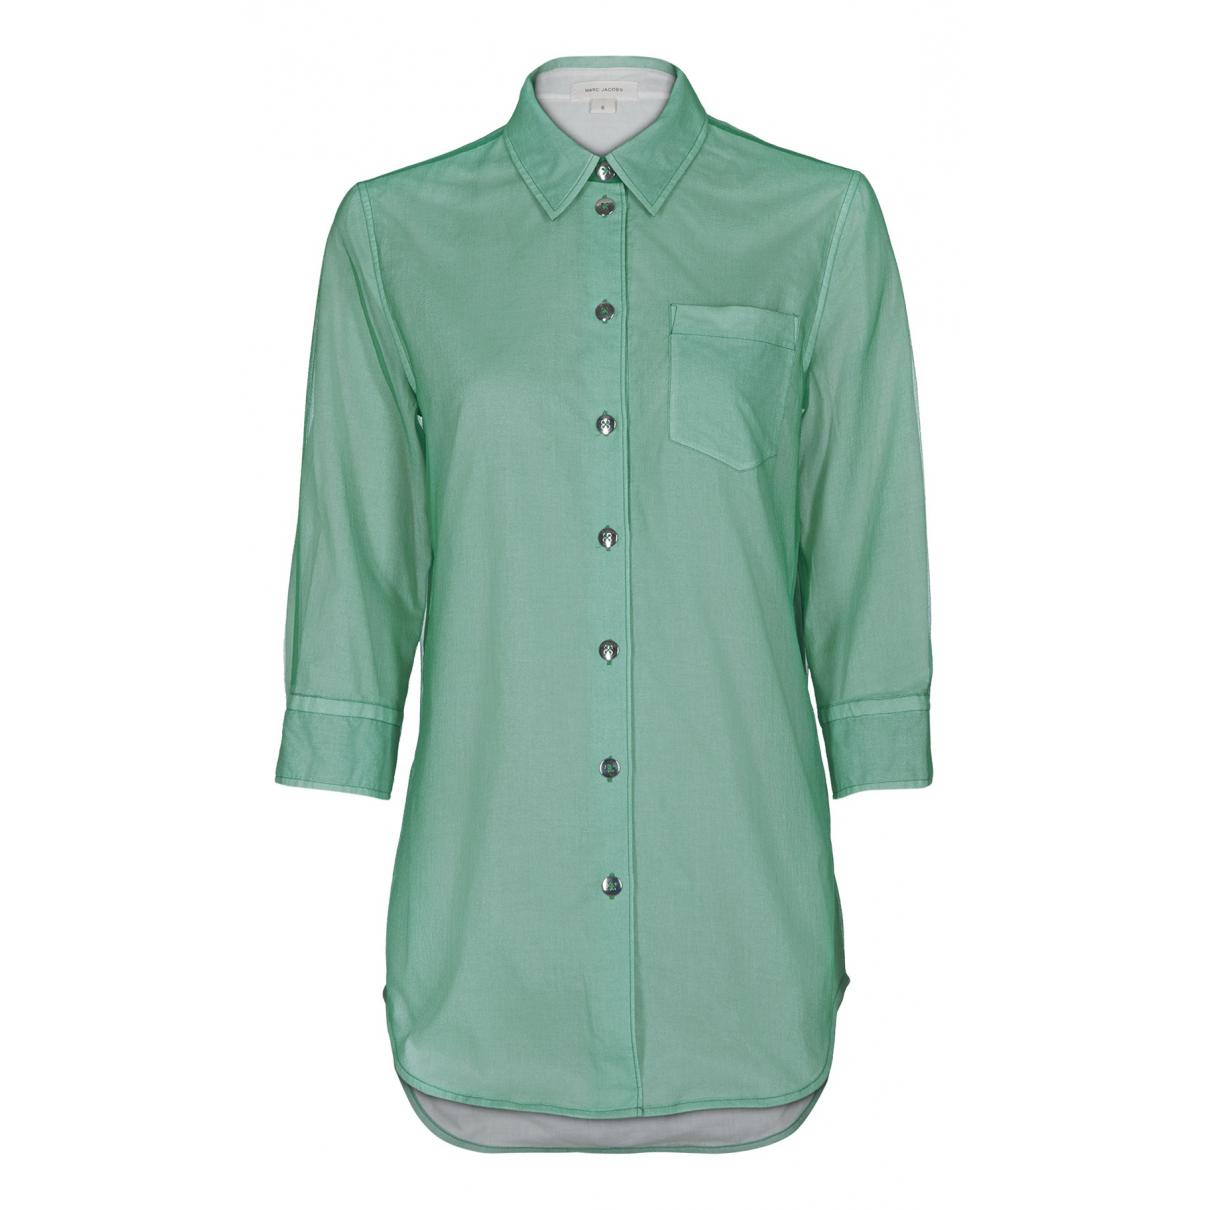 Marc Jacobs - Top   pour femme en coton - vert